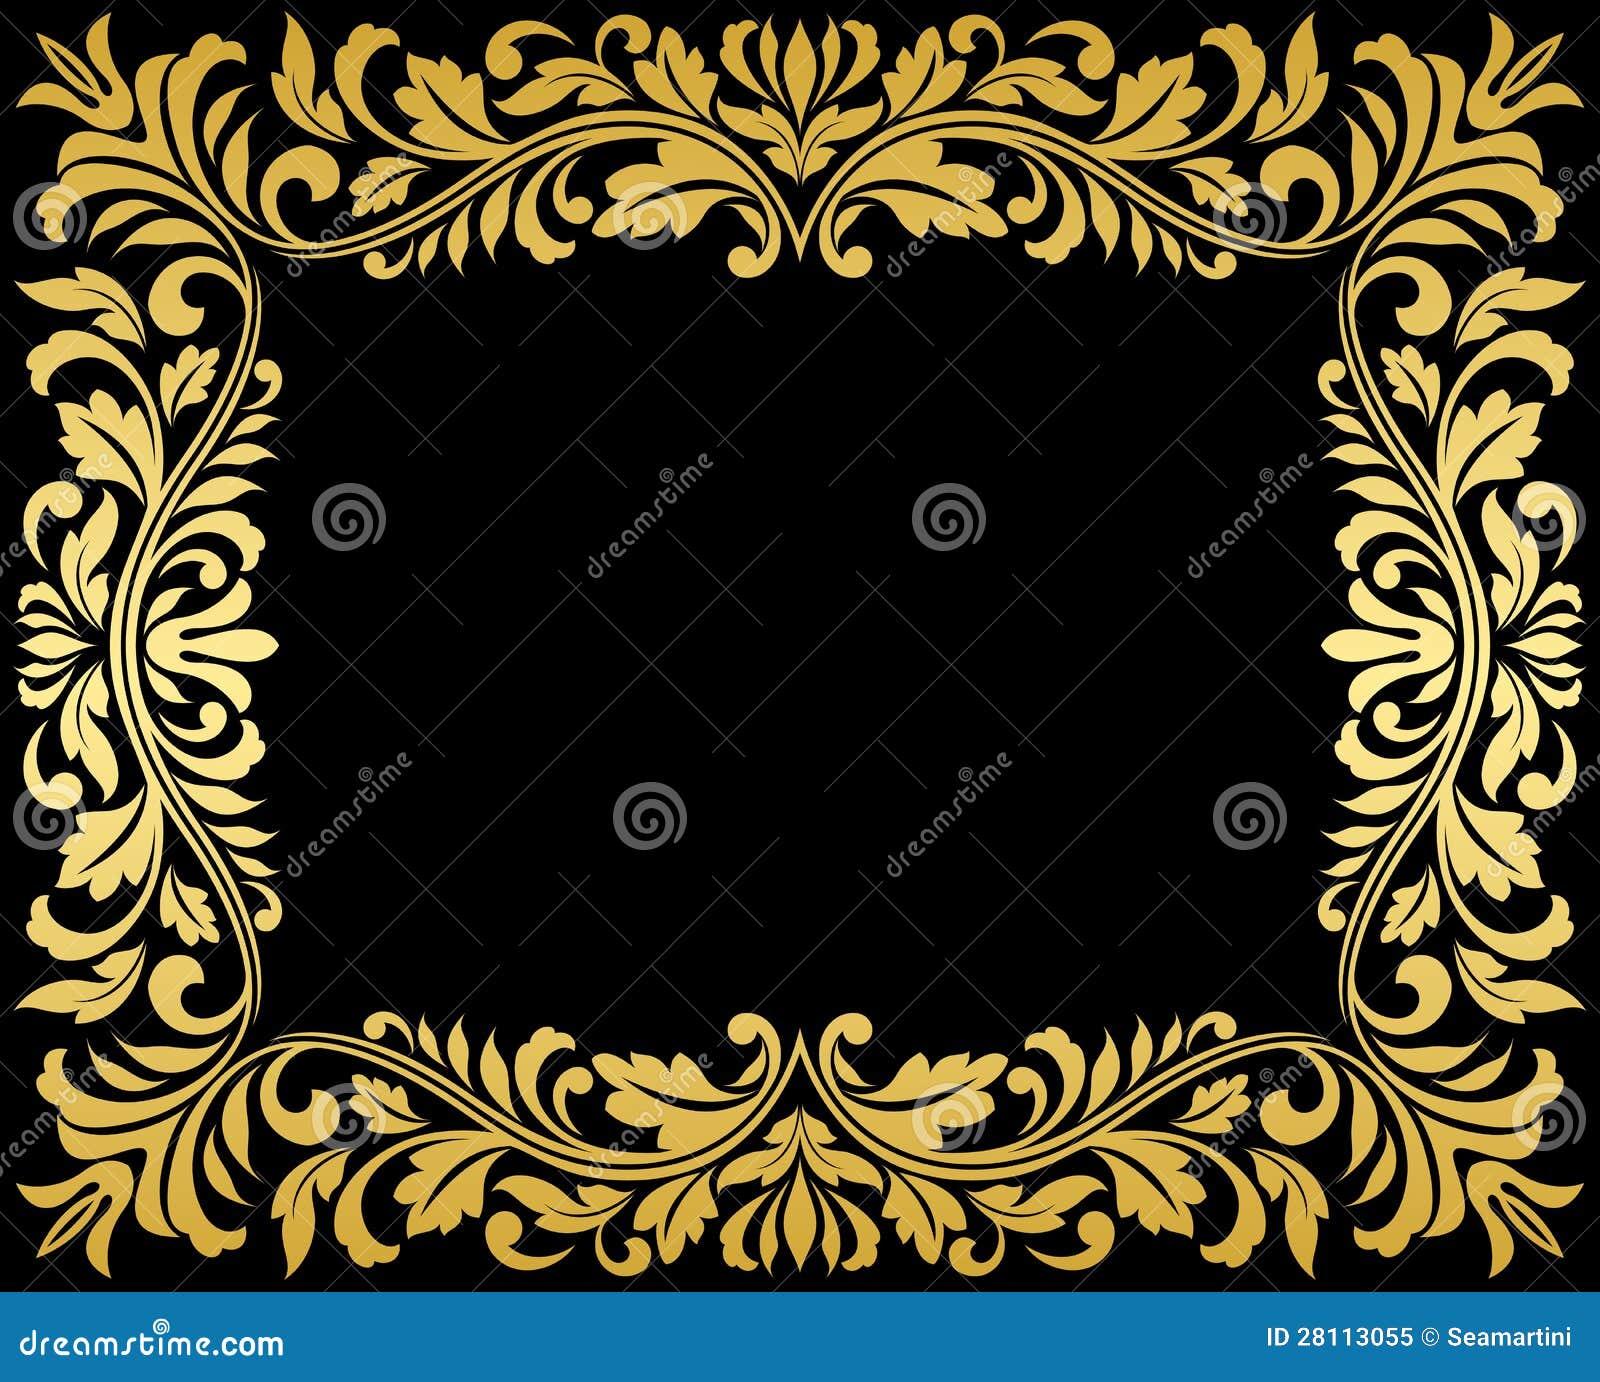 Εκλεκτής ποιότητας χρυσό πλαίσιο με floral